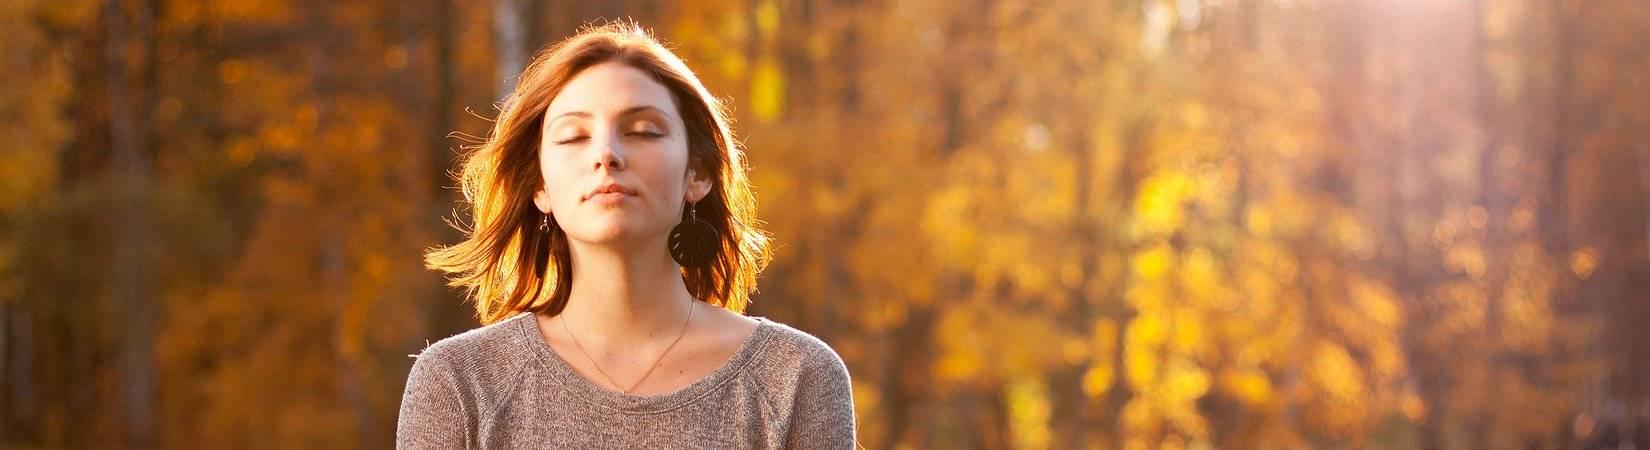 Как стать психологически сильным человеком — 6 упражнений